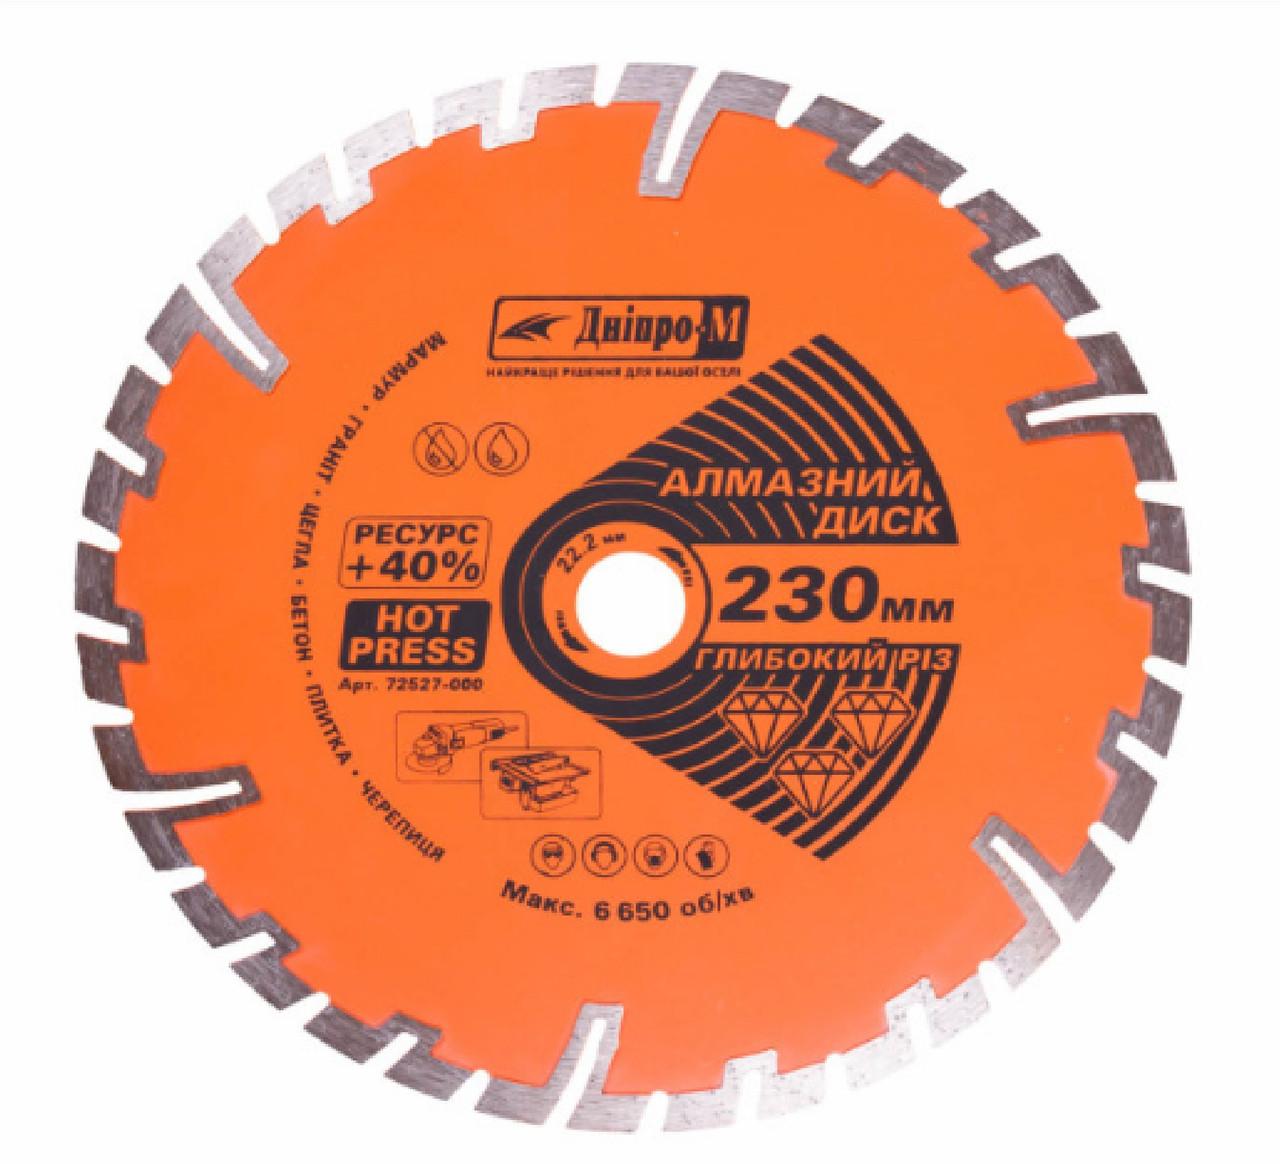 Алмазный диск Дніпро-М Глубокий рез 230*22,2 мм